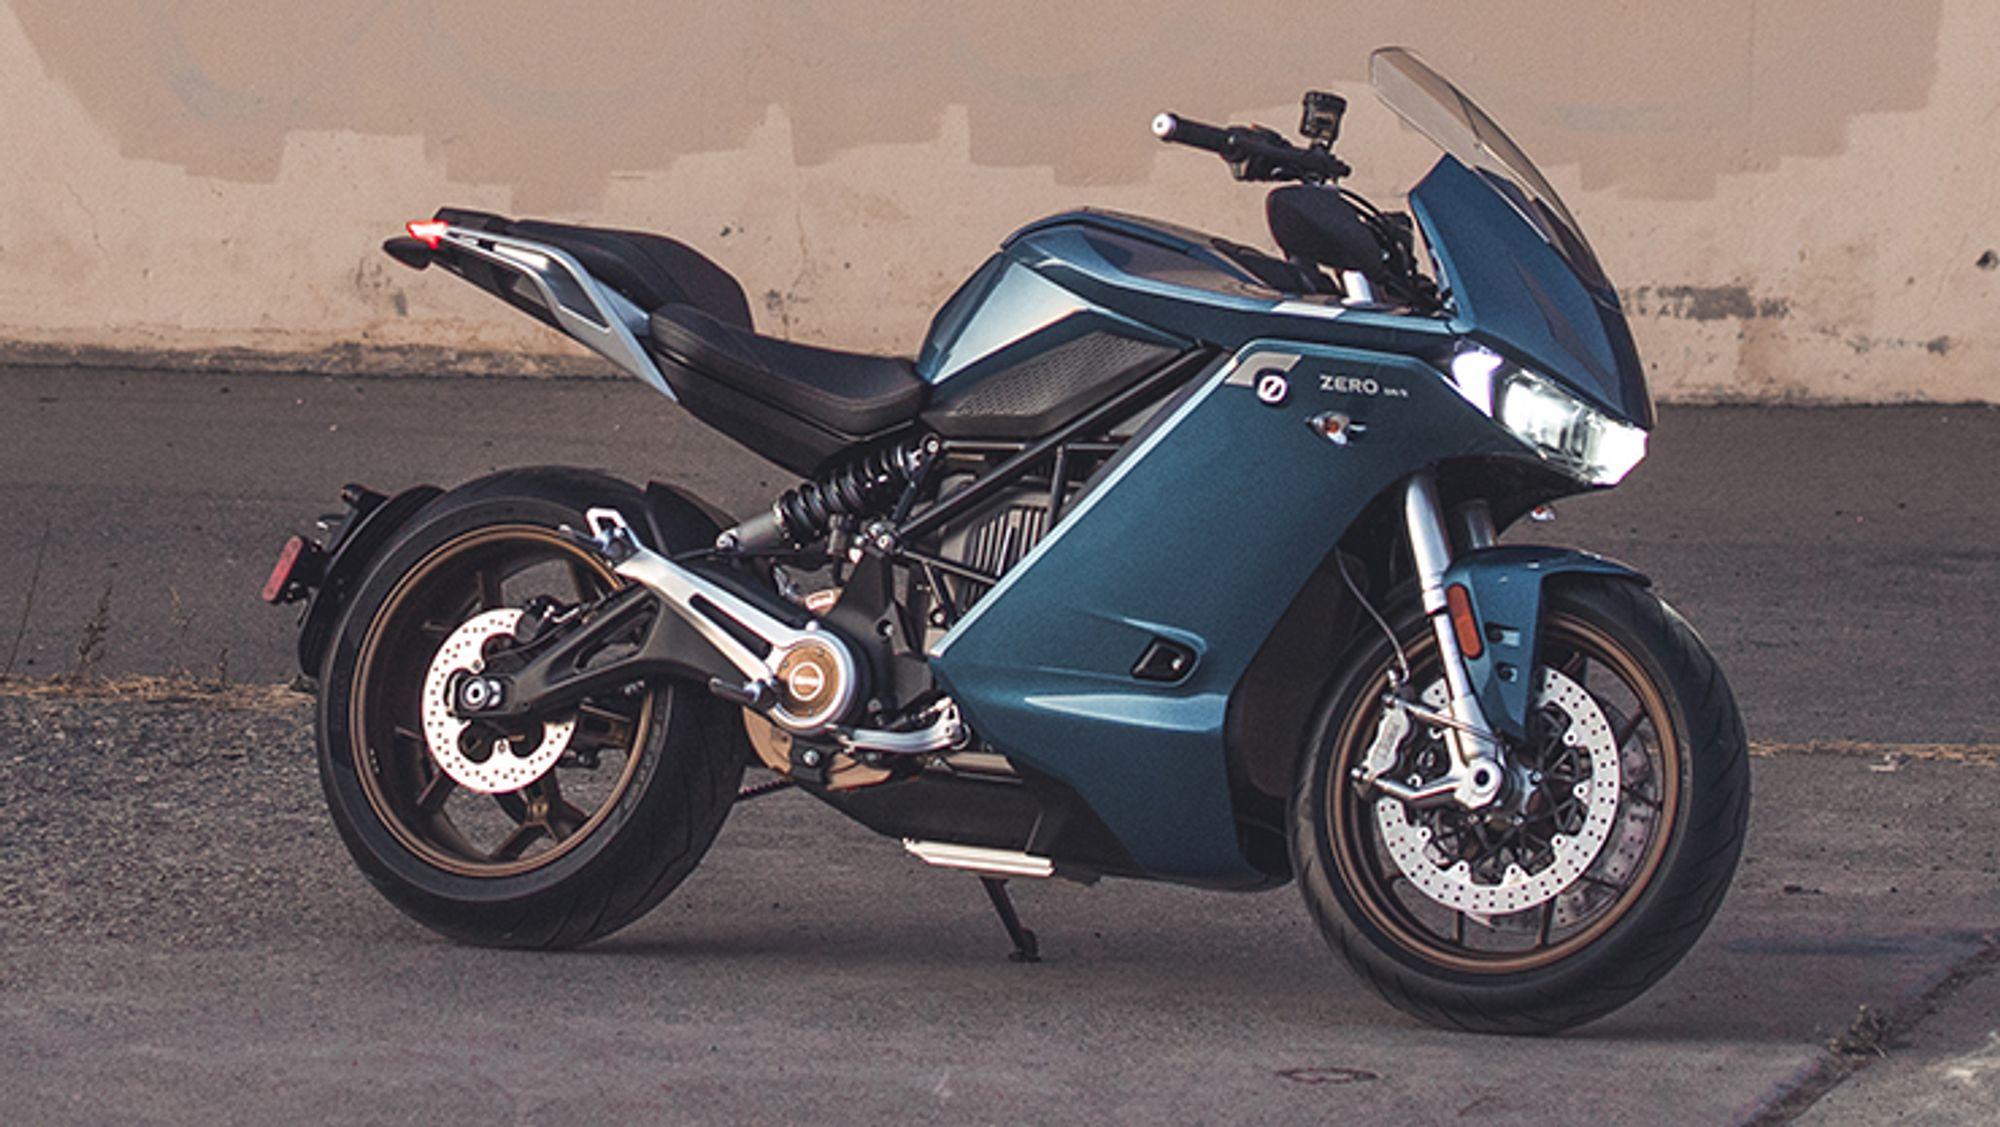 Med ekstrautstyr skal det være mulig å oppnå en rekkevidde på opptil 32 mil med den nye modellen fra Zero Motorcycles.